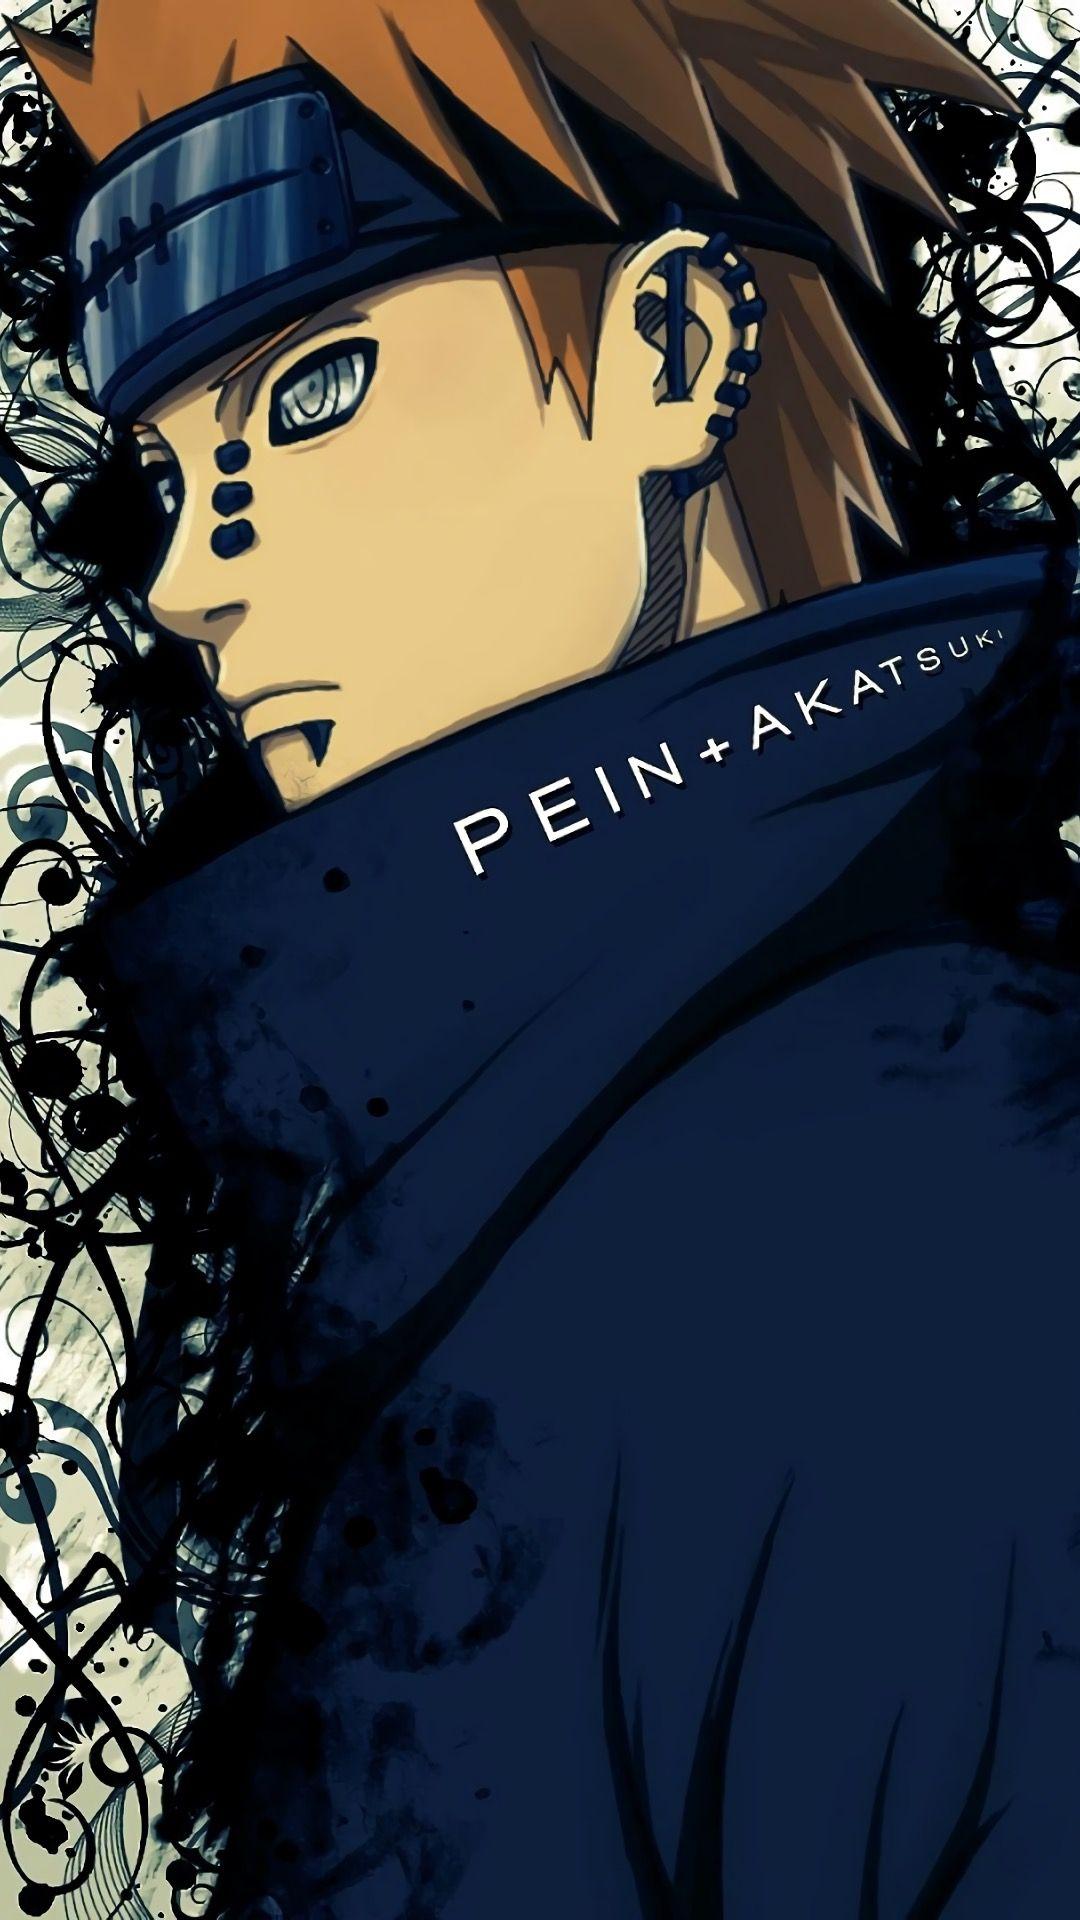 Pin by Nostalgia Addict on Anime Modern Clothing Anime